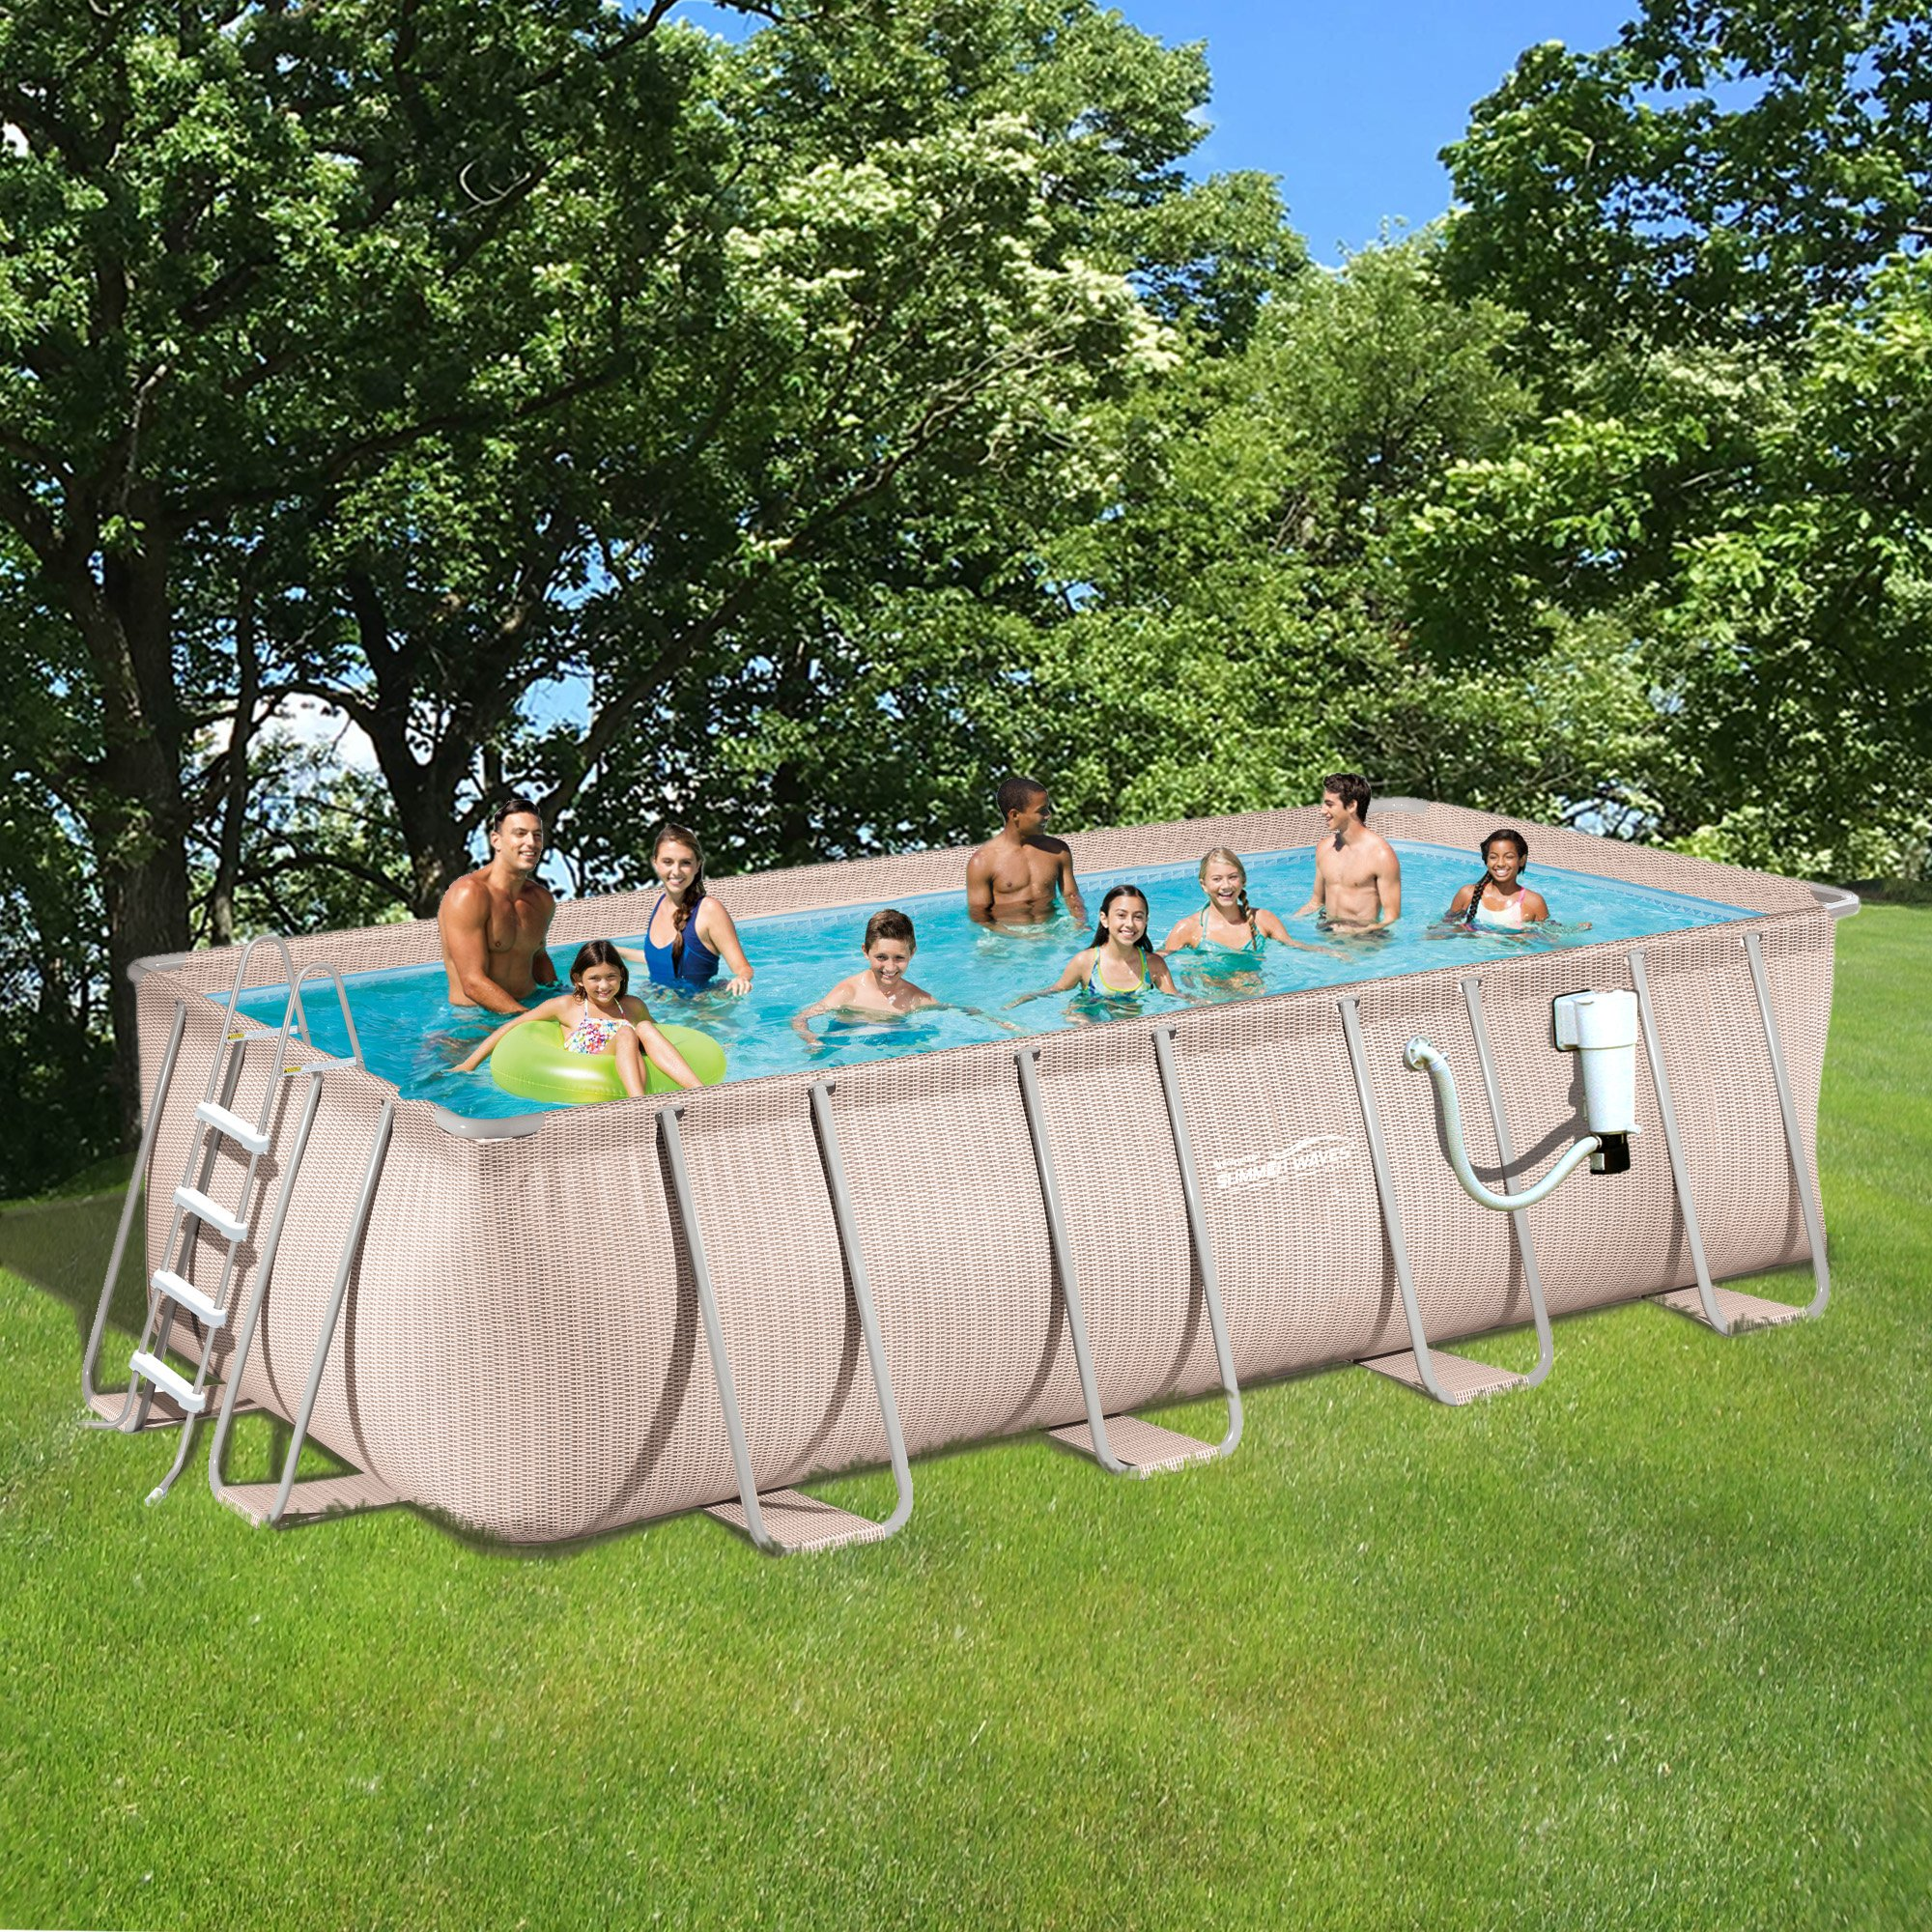 Light Wicker Pool Package 9'x18' Rect Metal Frame 52'' Deep   Summer Waves NB2233 by Summer Waves Elite